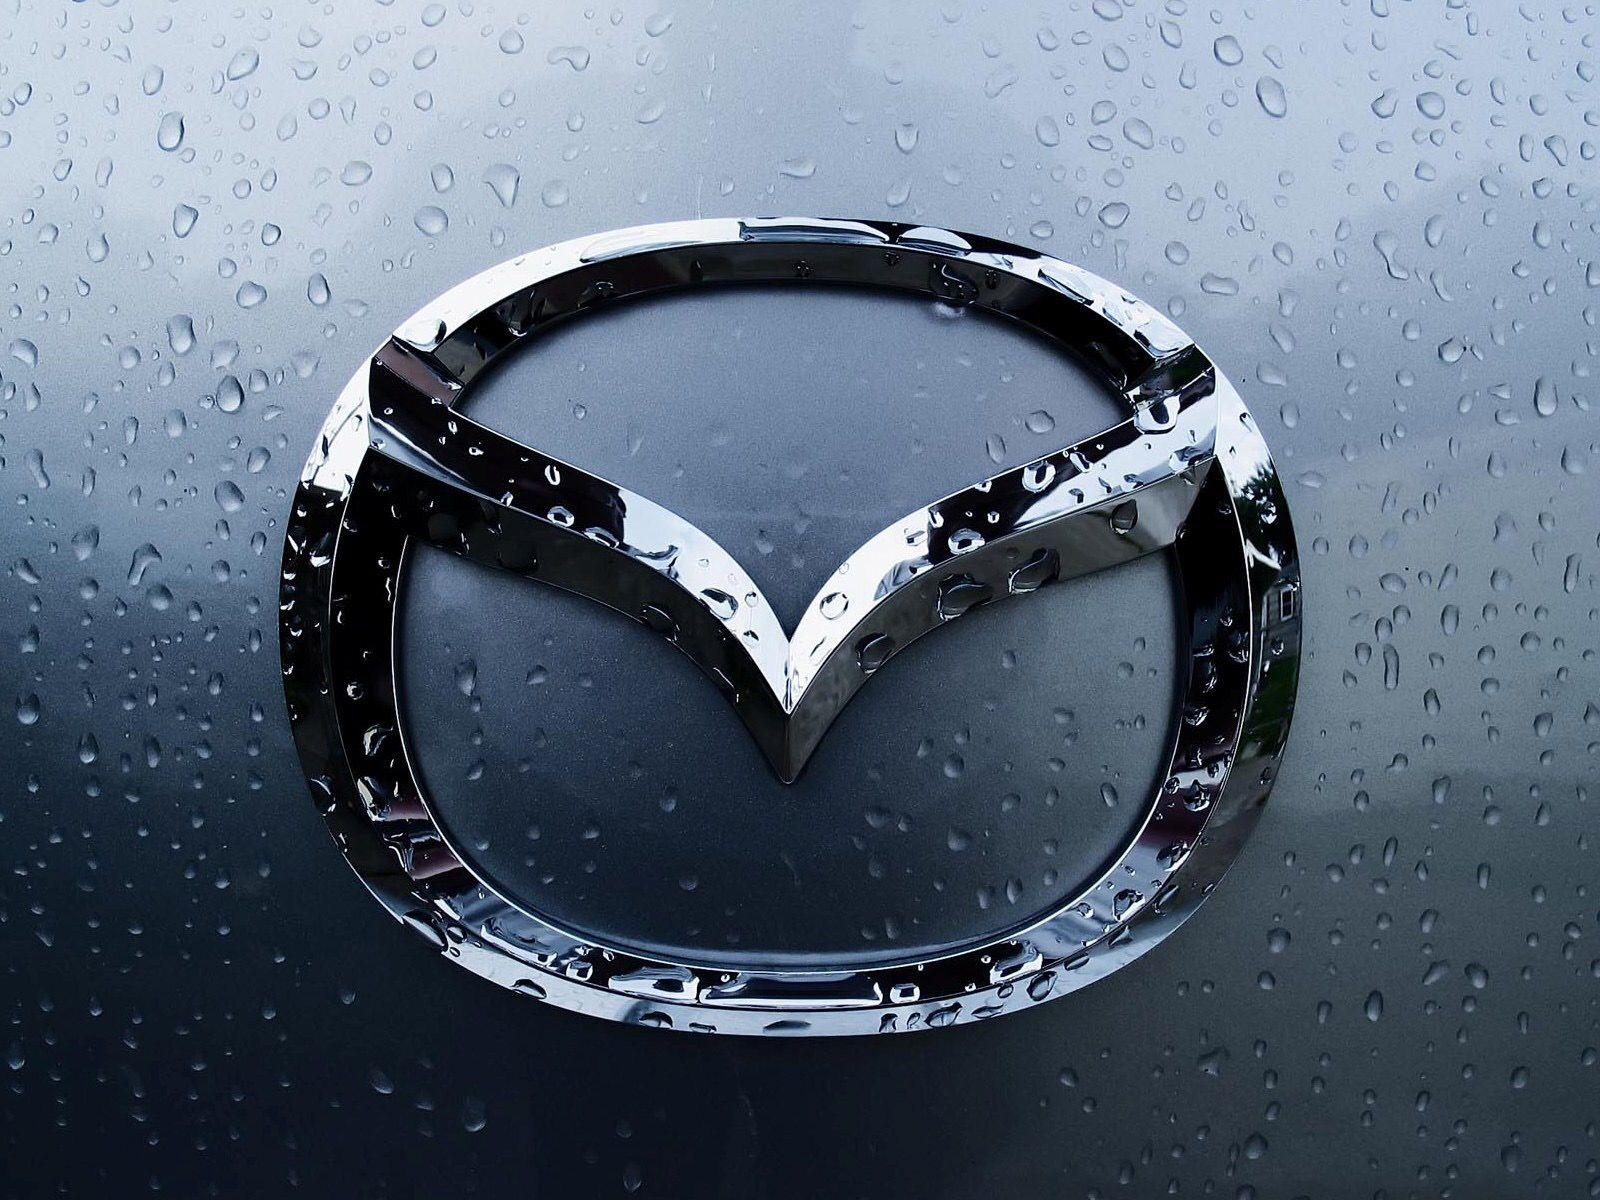 Pin by David Häckler on Mazda 6 Mazda logo